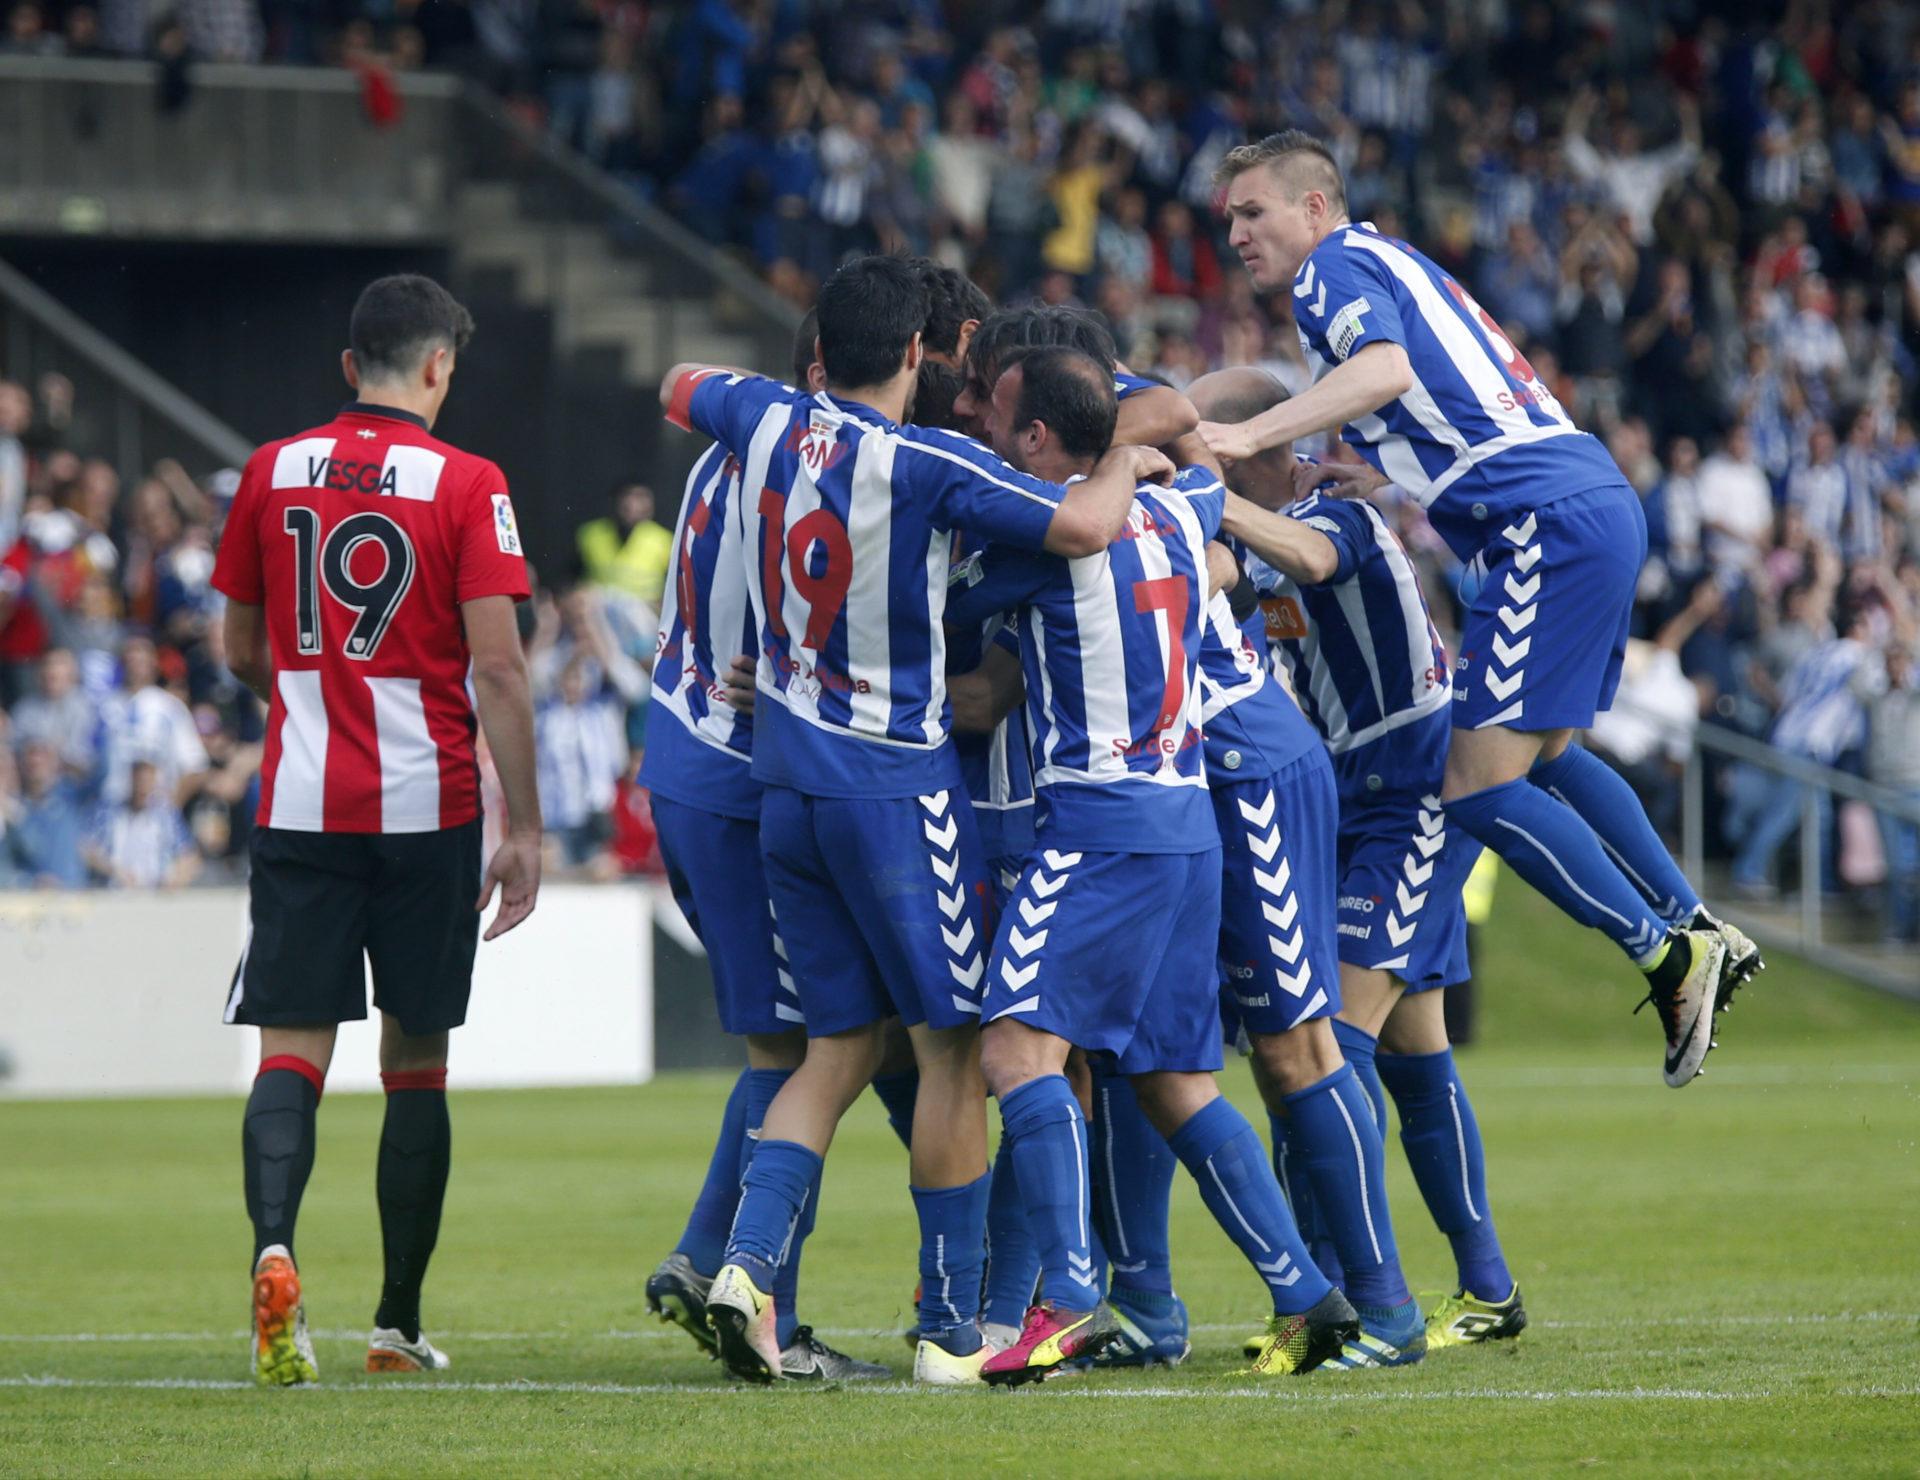 El Alavés, nuevo equipo de la Liga BBVA   Foto: EFE